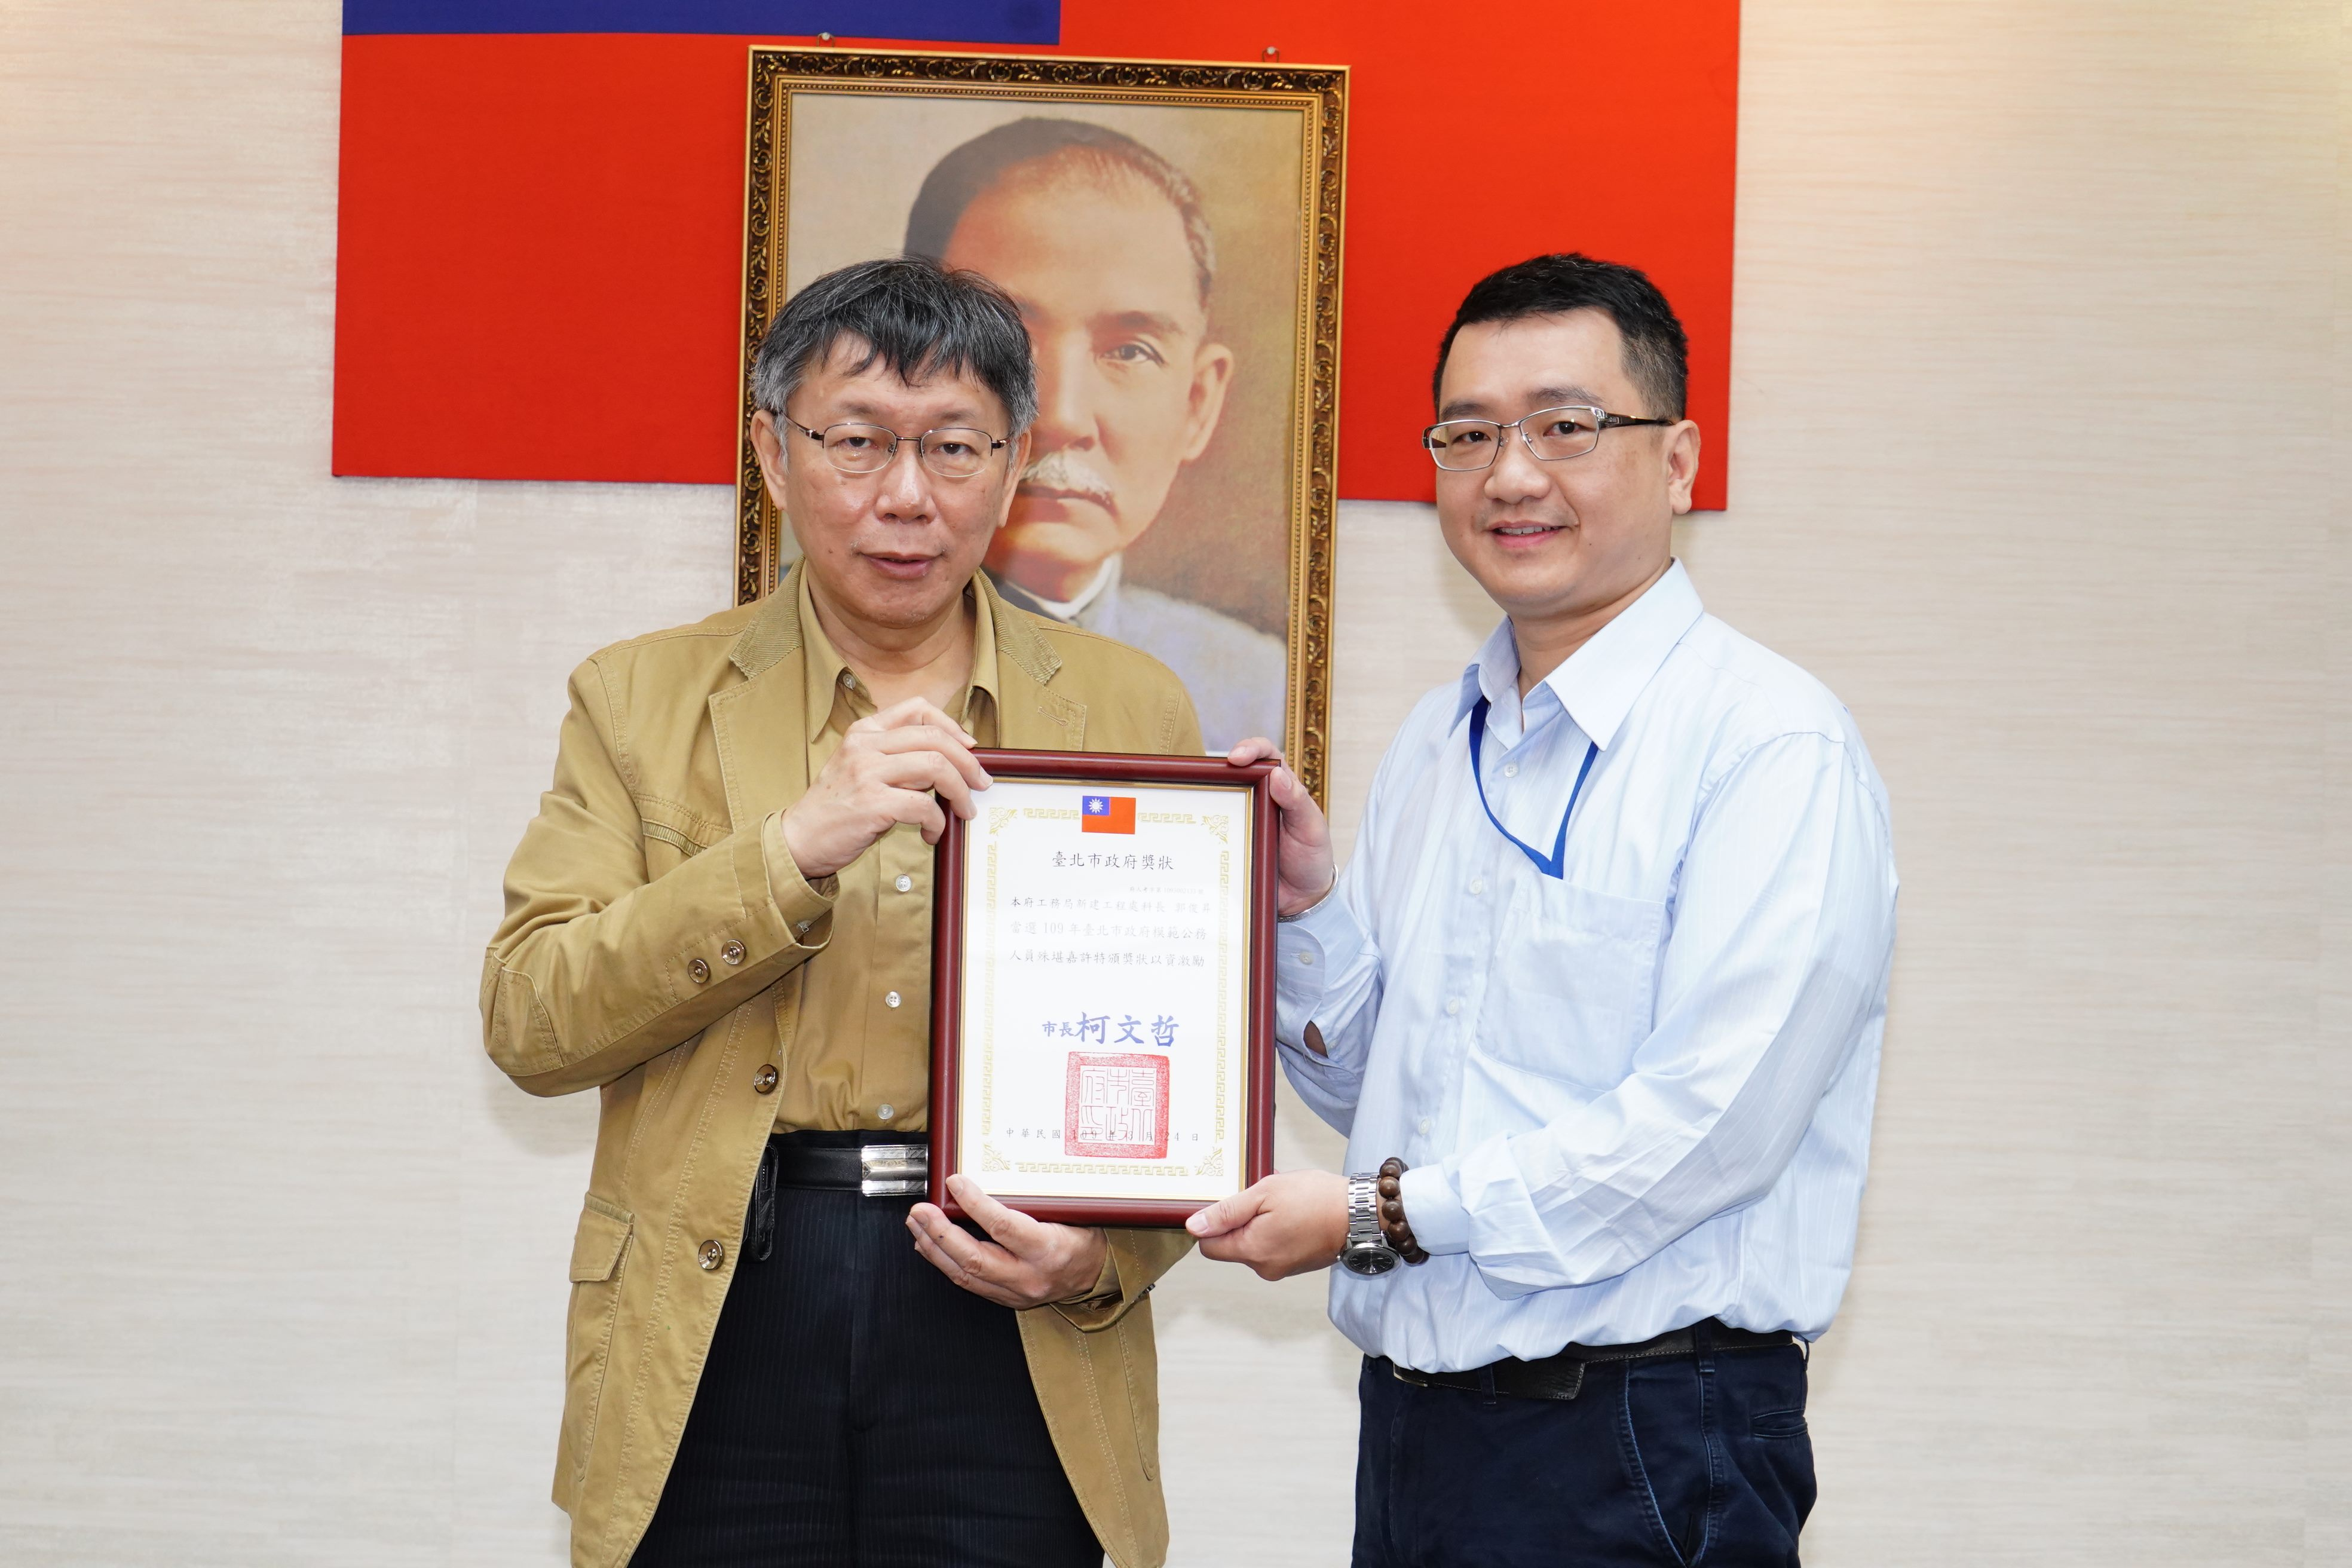 新建工程處郭科長俊昇獲選本府109年模範公務人員